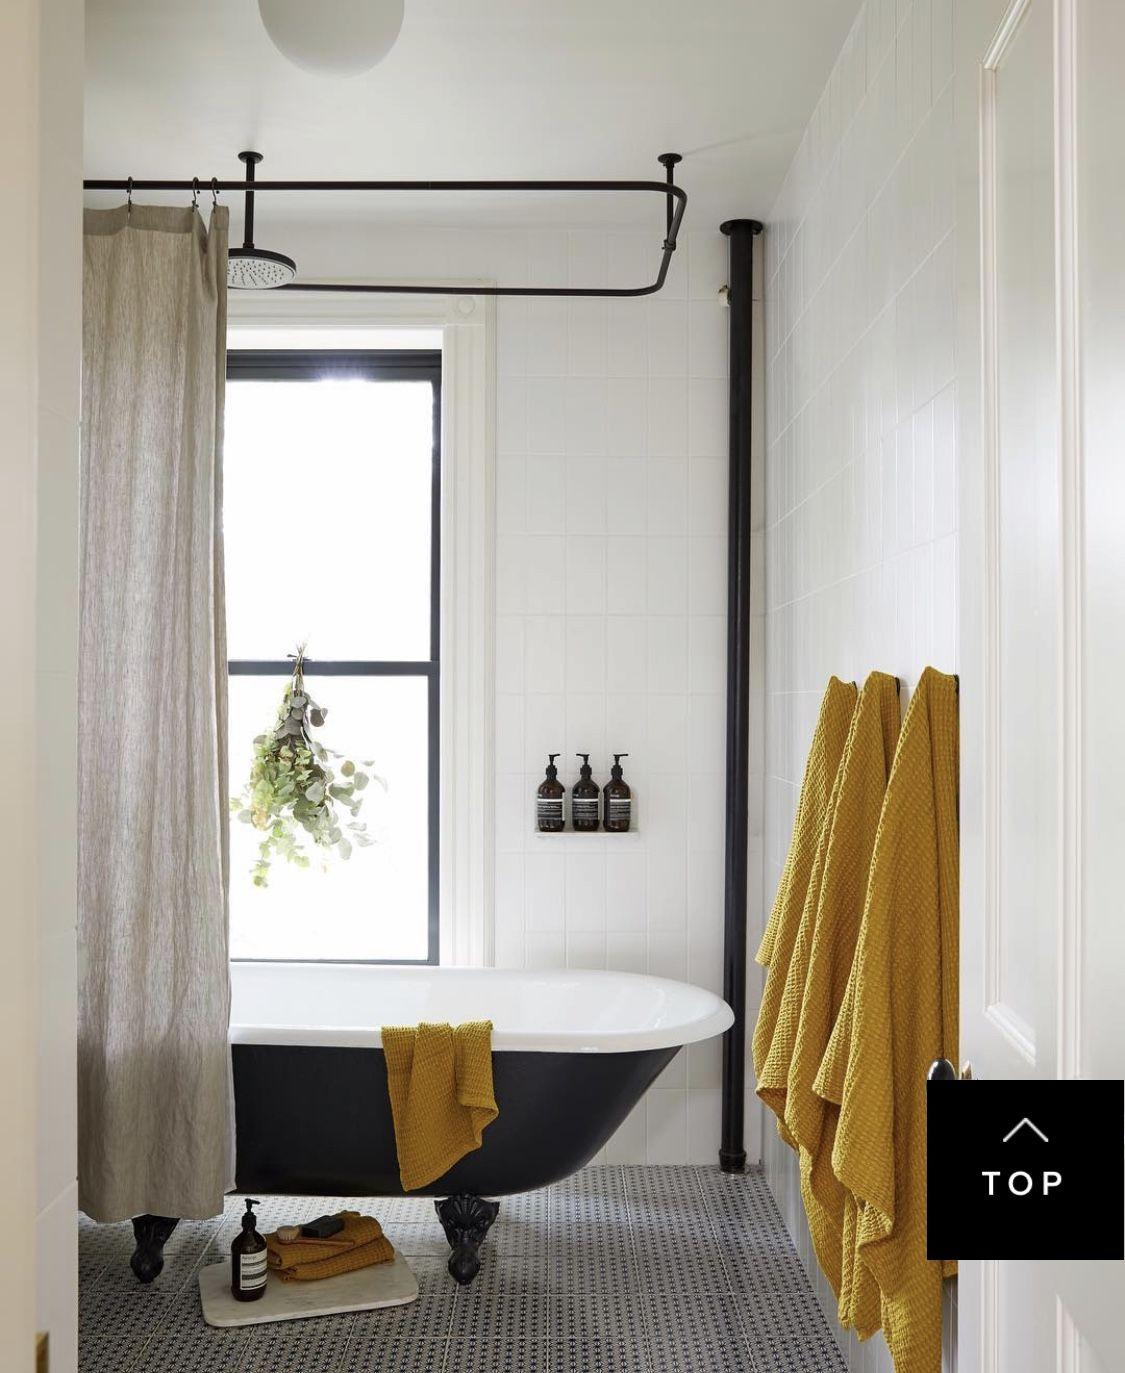 Badezimmerfliesenideen um badewanne pin von alisa auf badezimmer  pinterest  badezimmer bad und haus